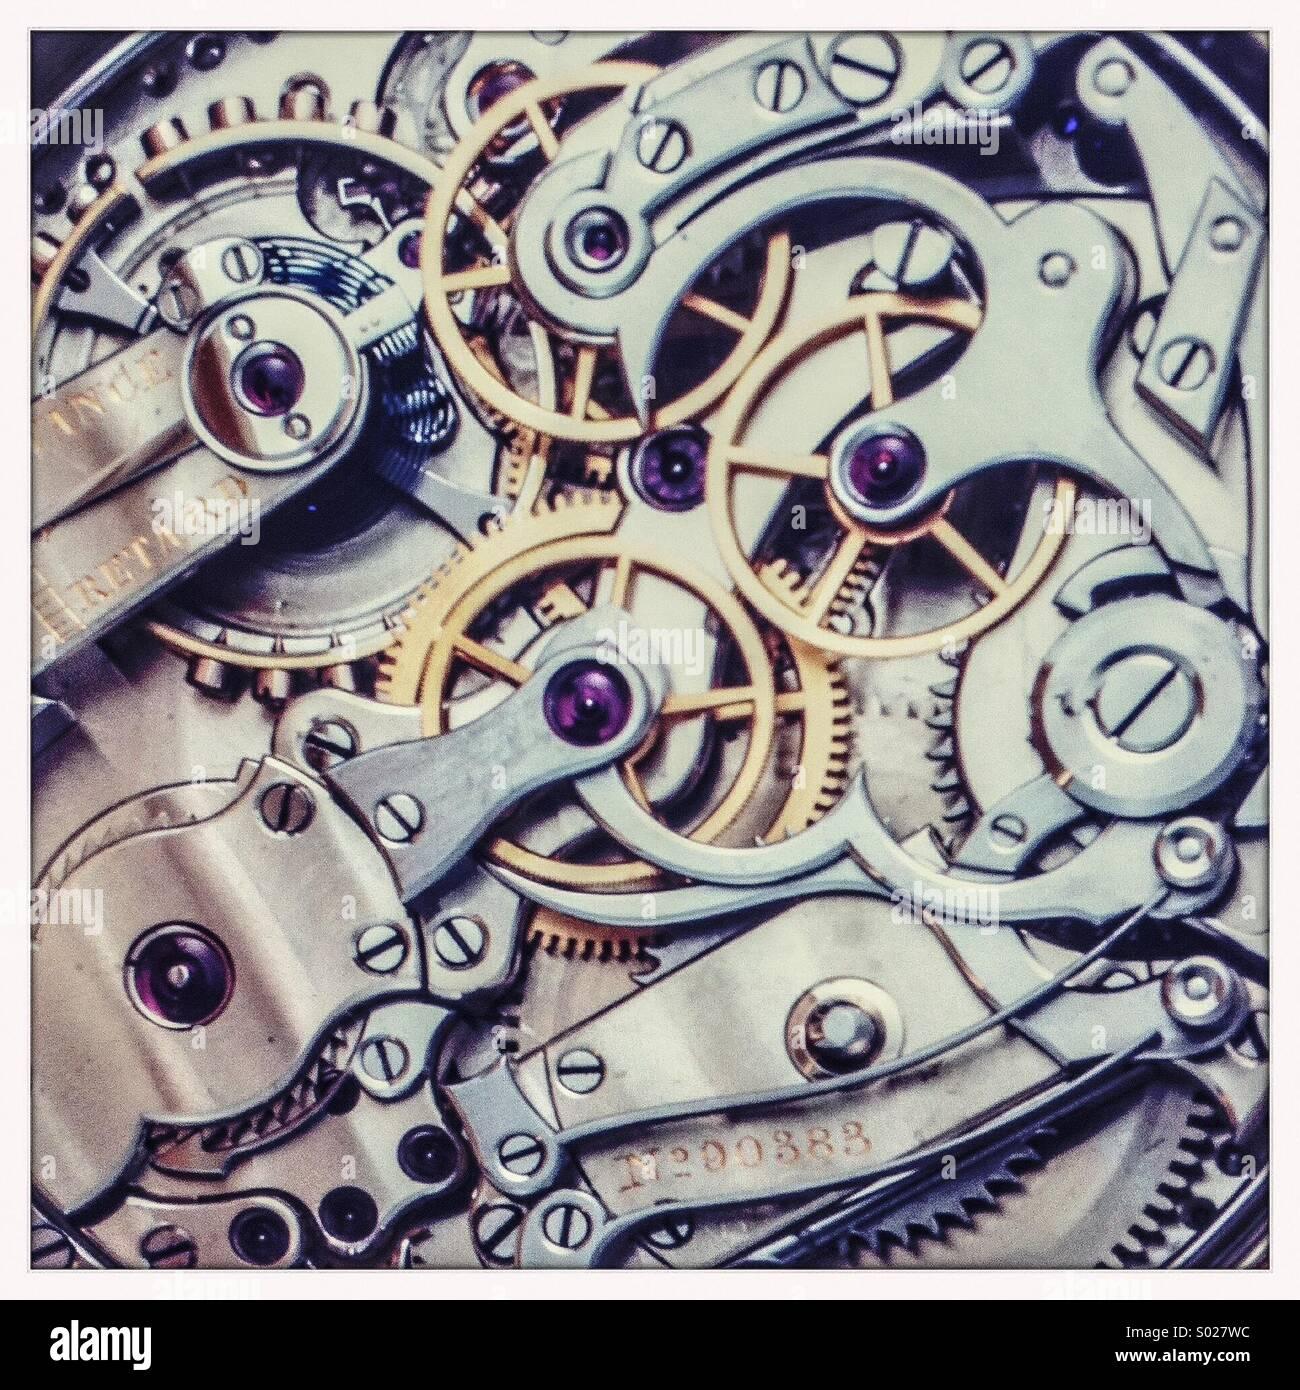 Vue rapprochée du mouvement d'une montre de poche Photo Stock